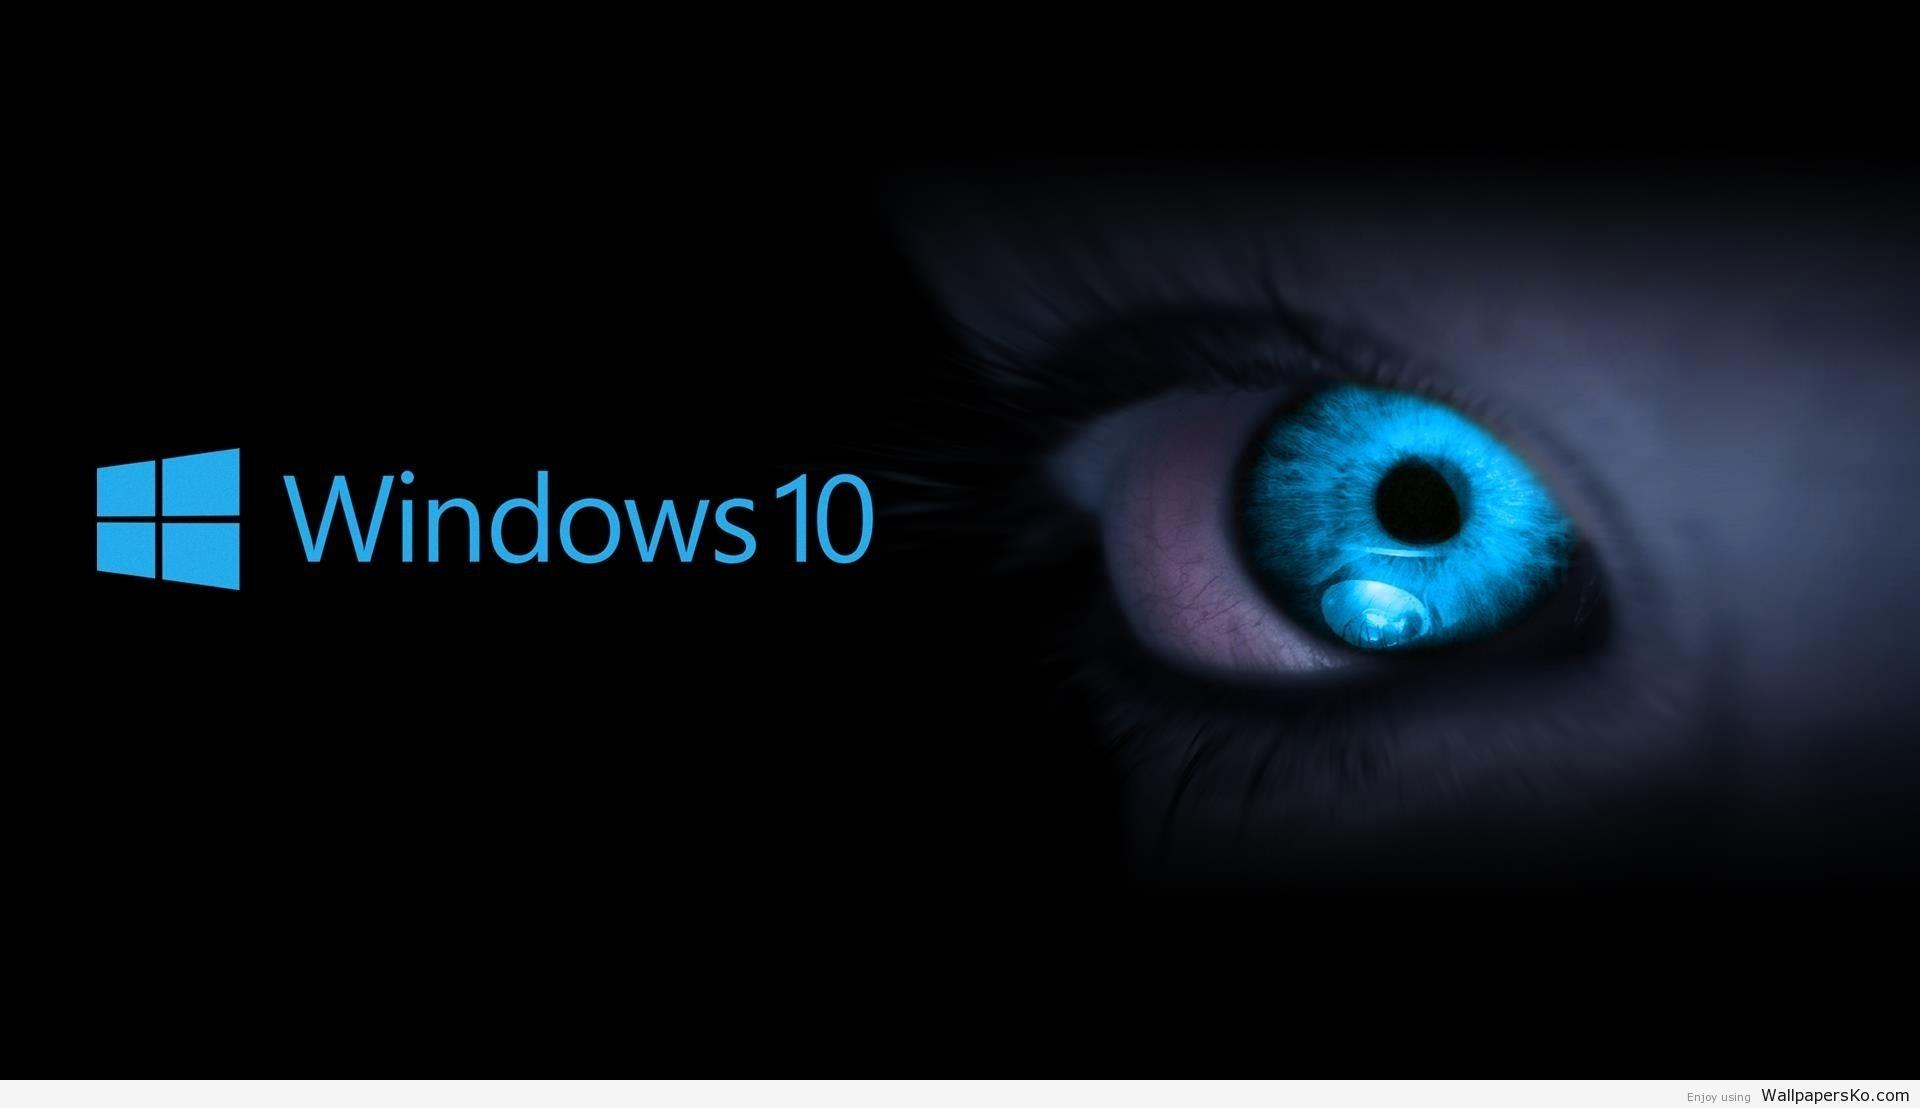 windows 10 wallpaper hd 3d for desktop